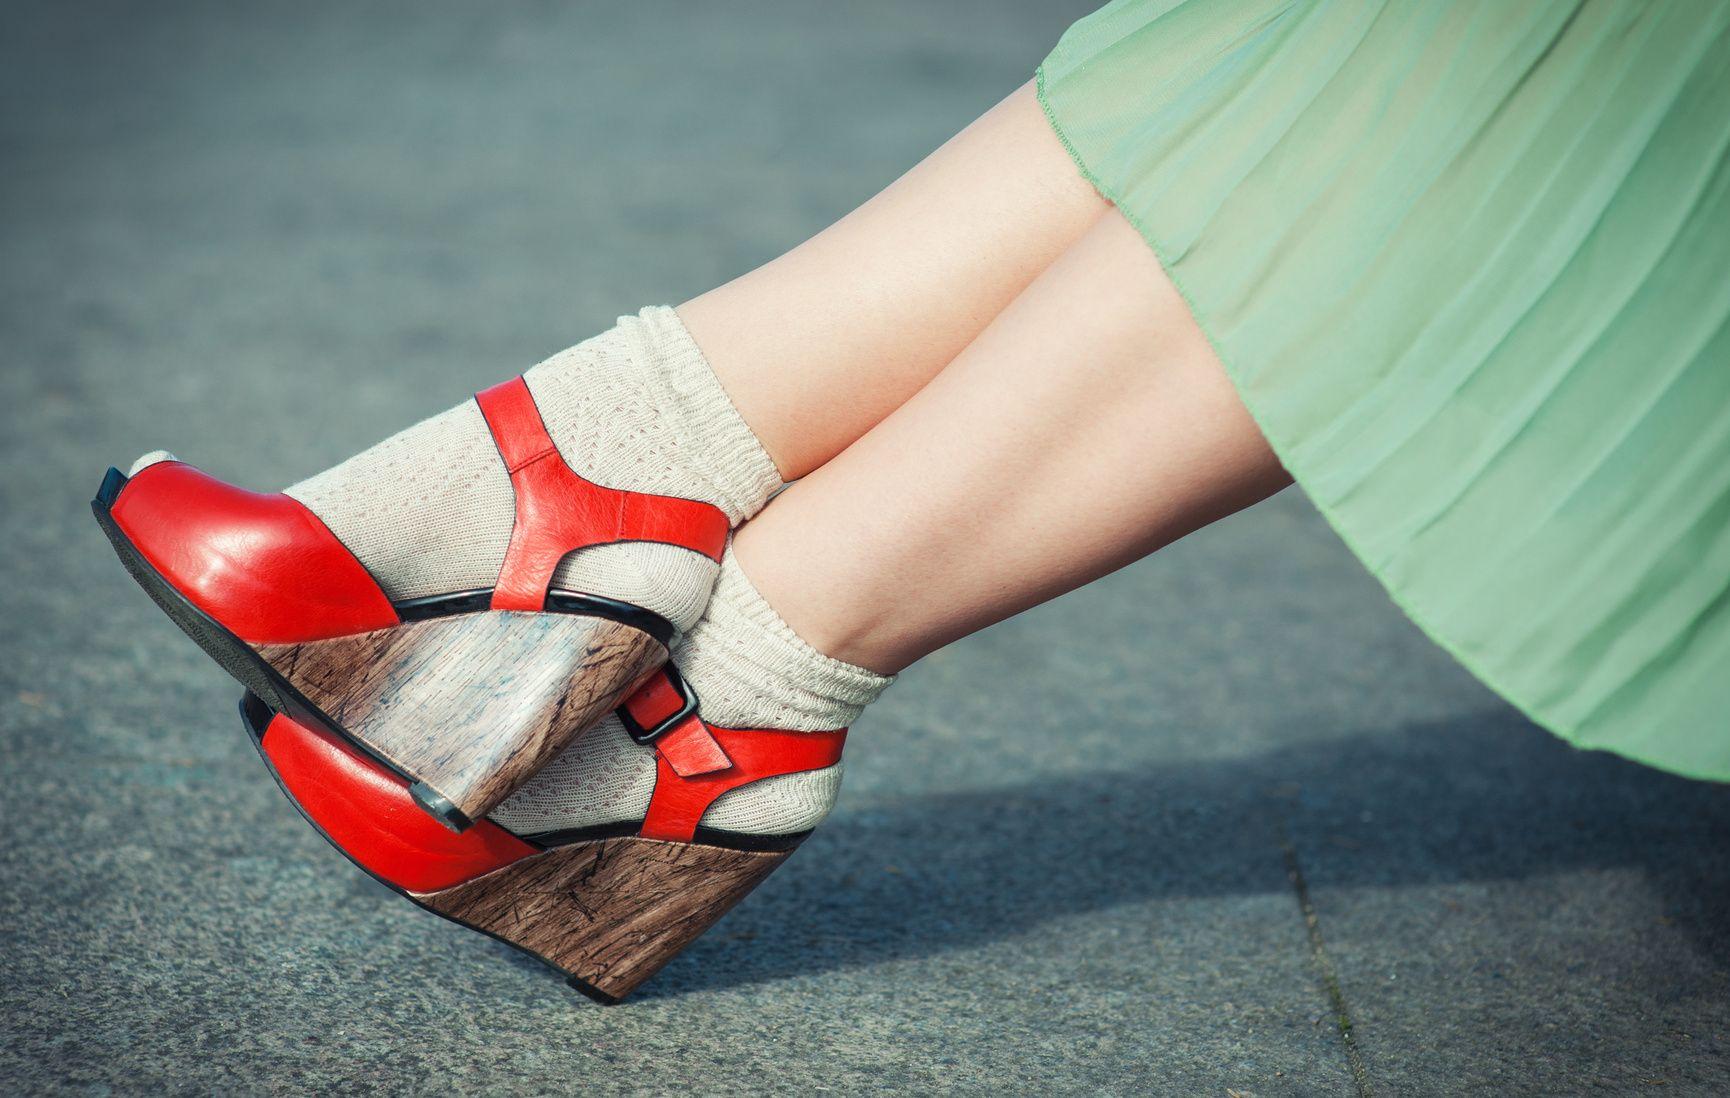 7 epämuodikasta asiaa, joista on tullut muodikkaita